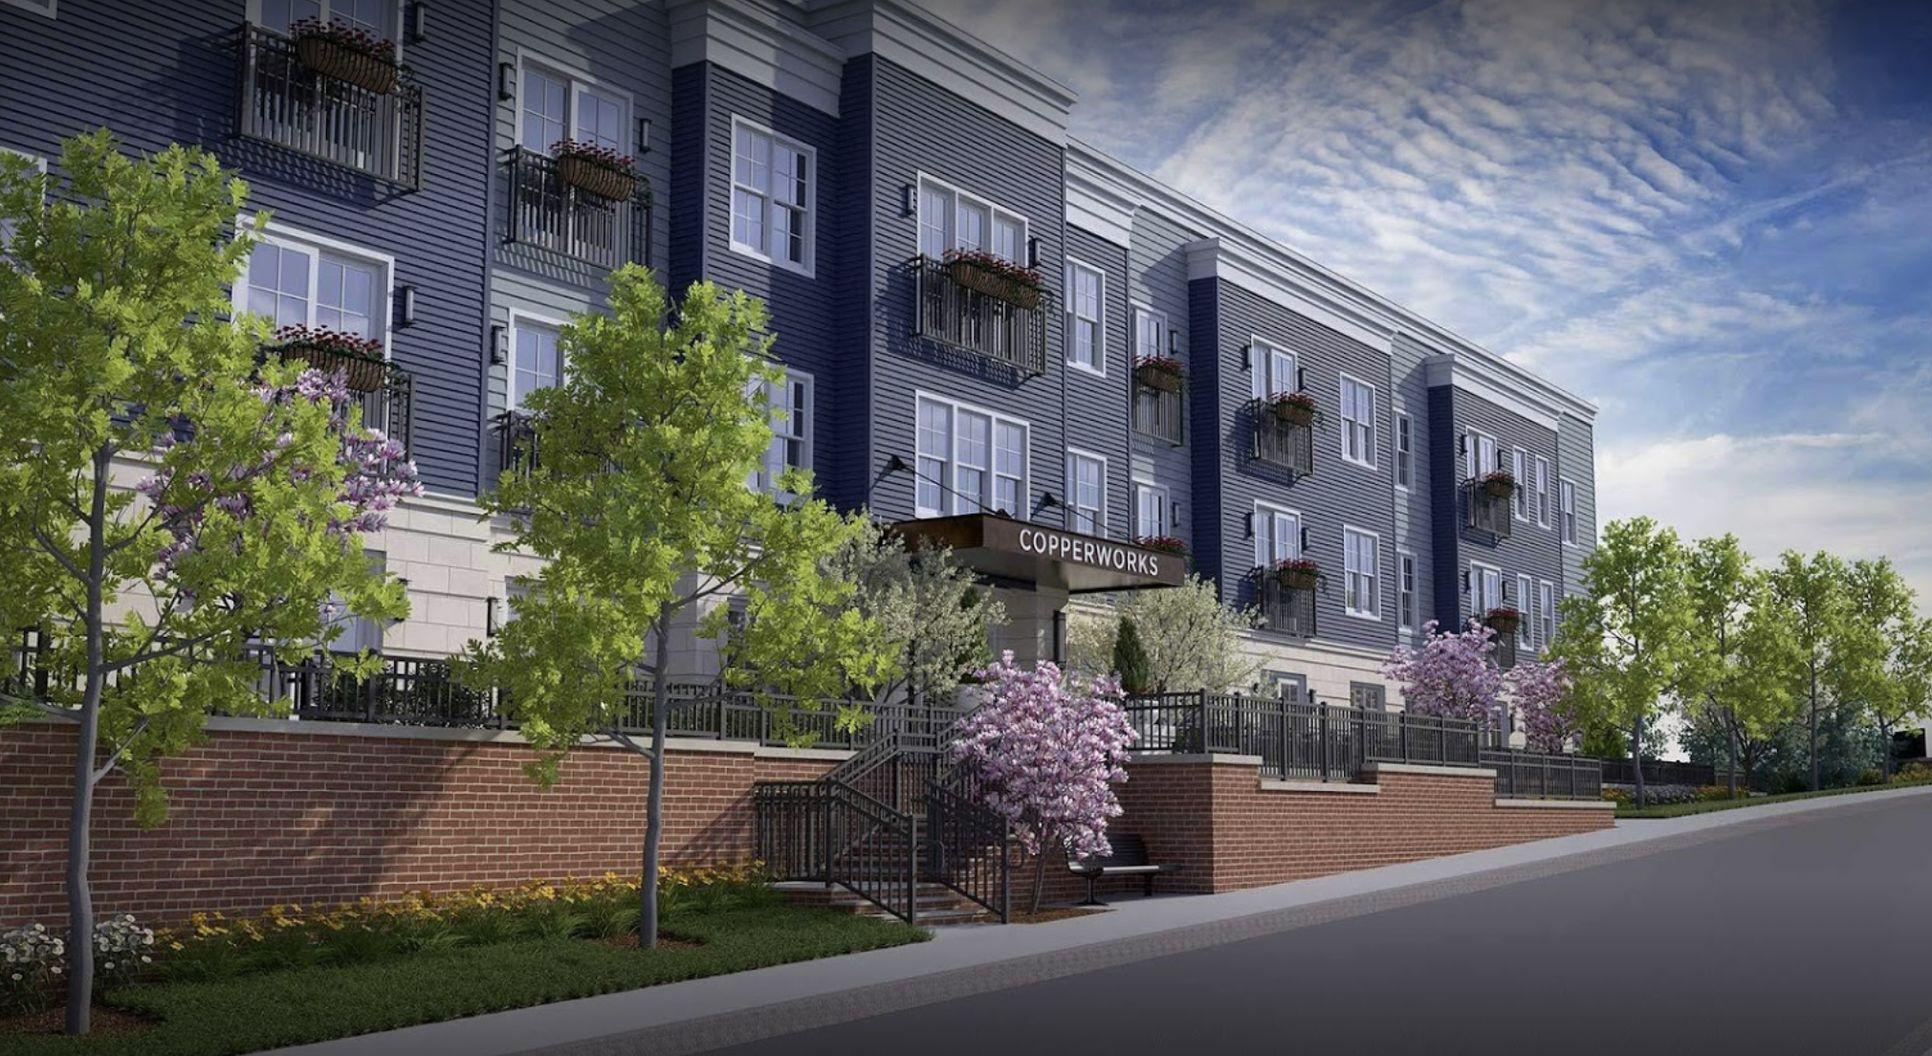 Copperworks Condominiums,02021